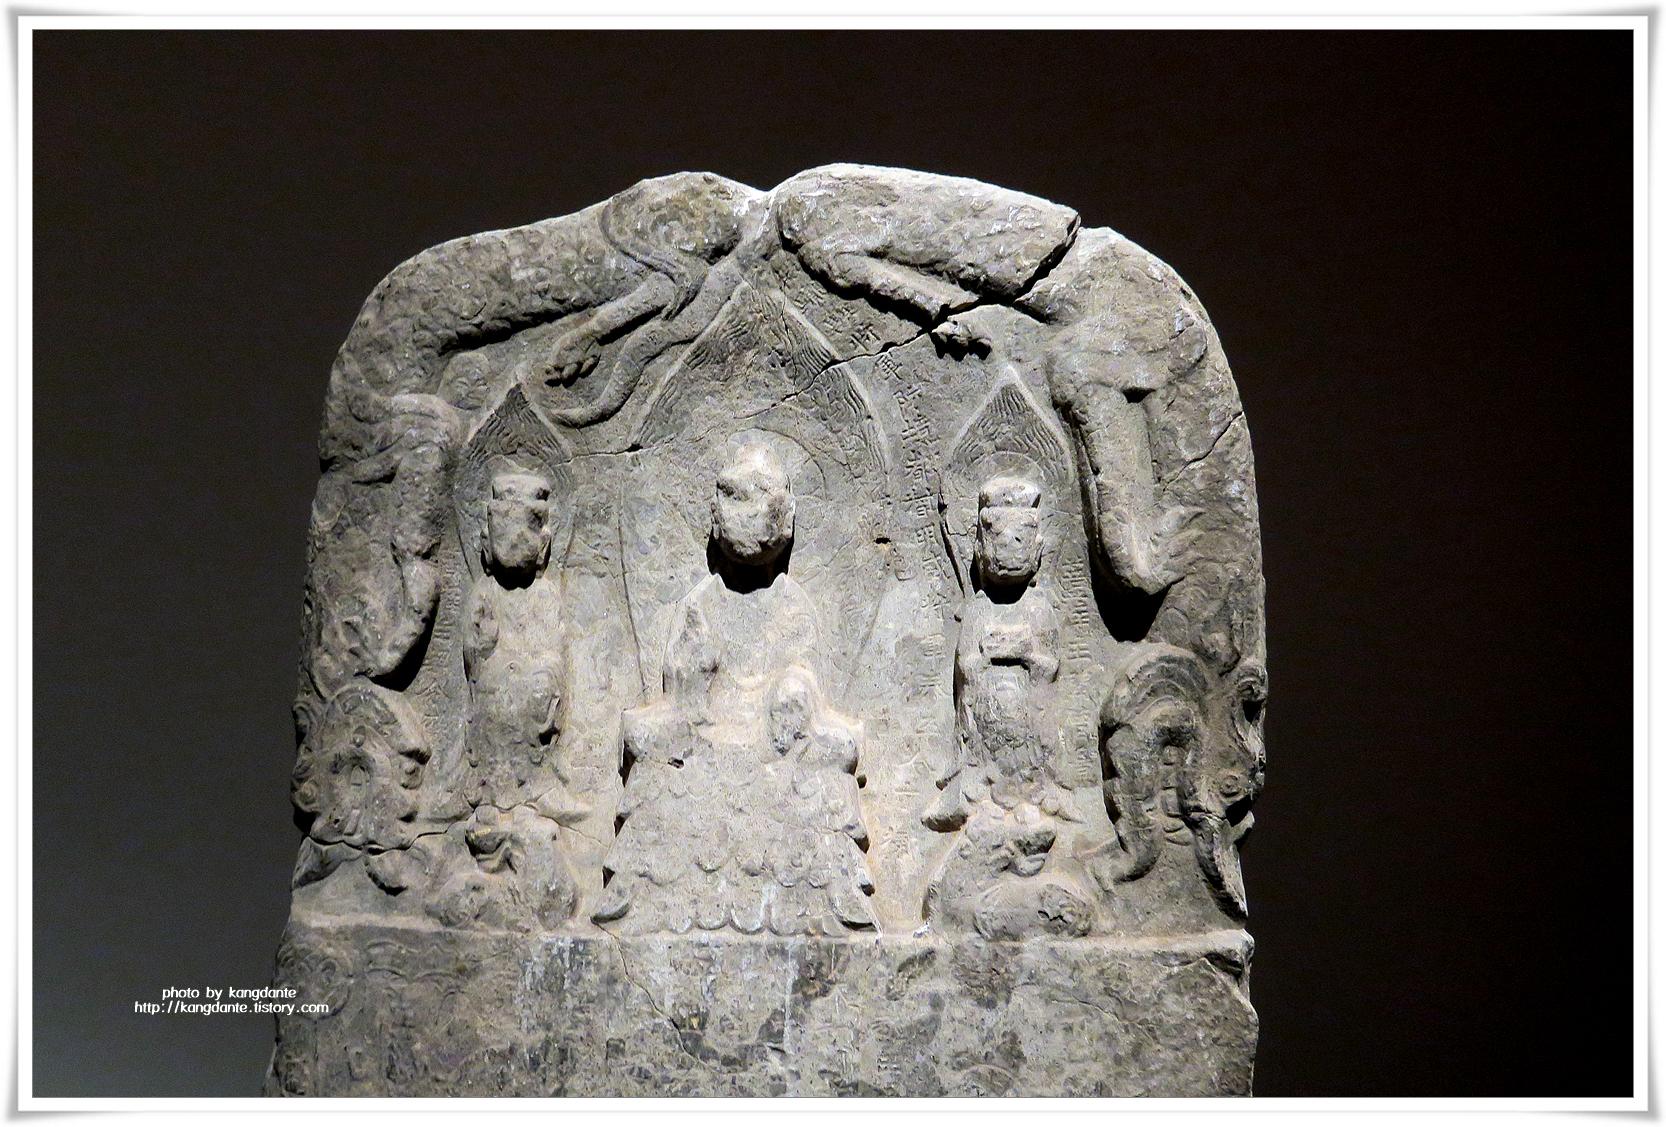 고대 중국의 역사와 문화, 국립중앙박물관 중국관